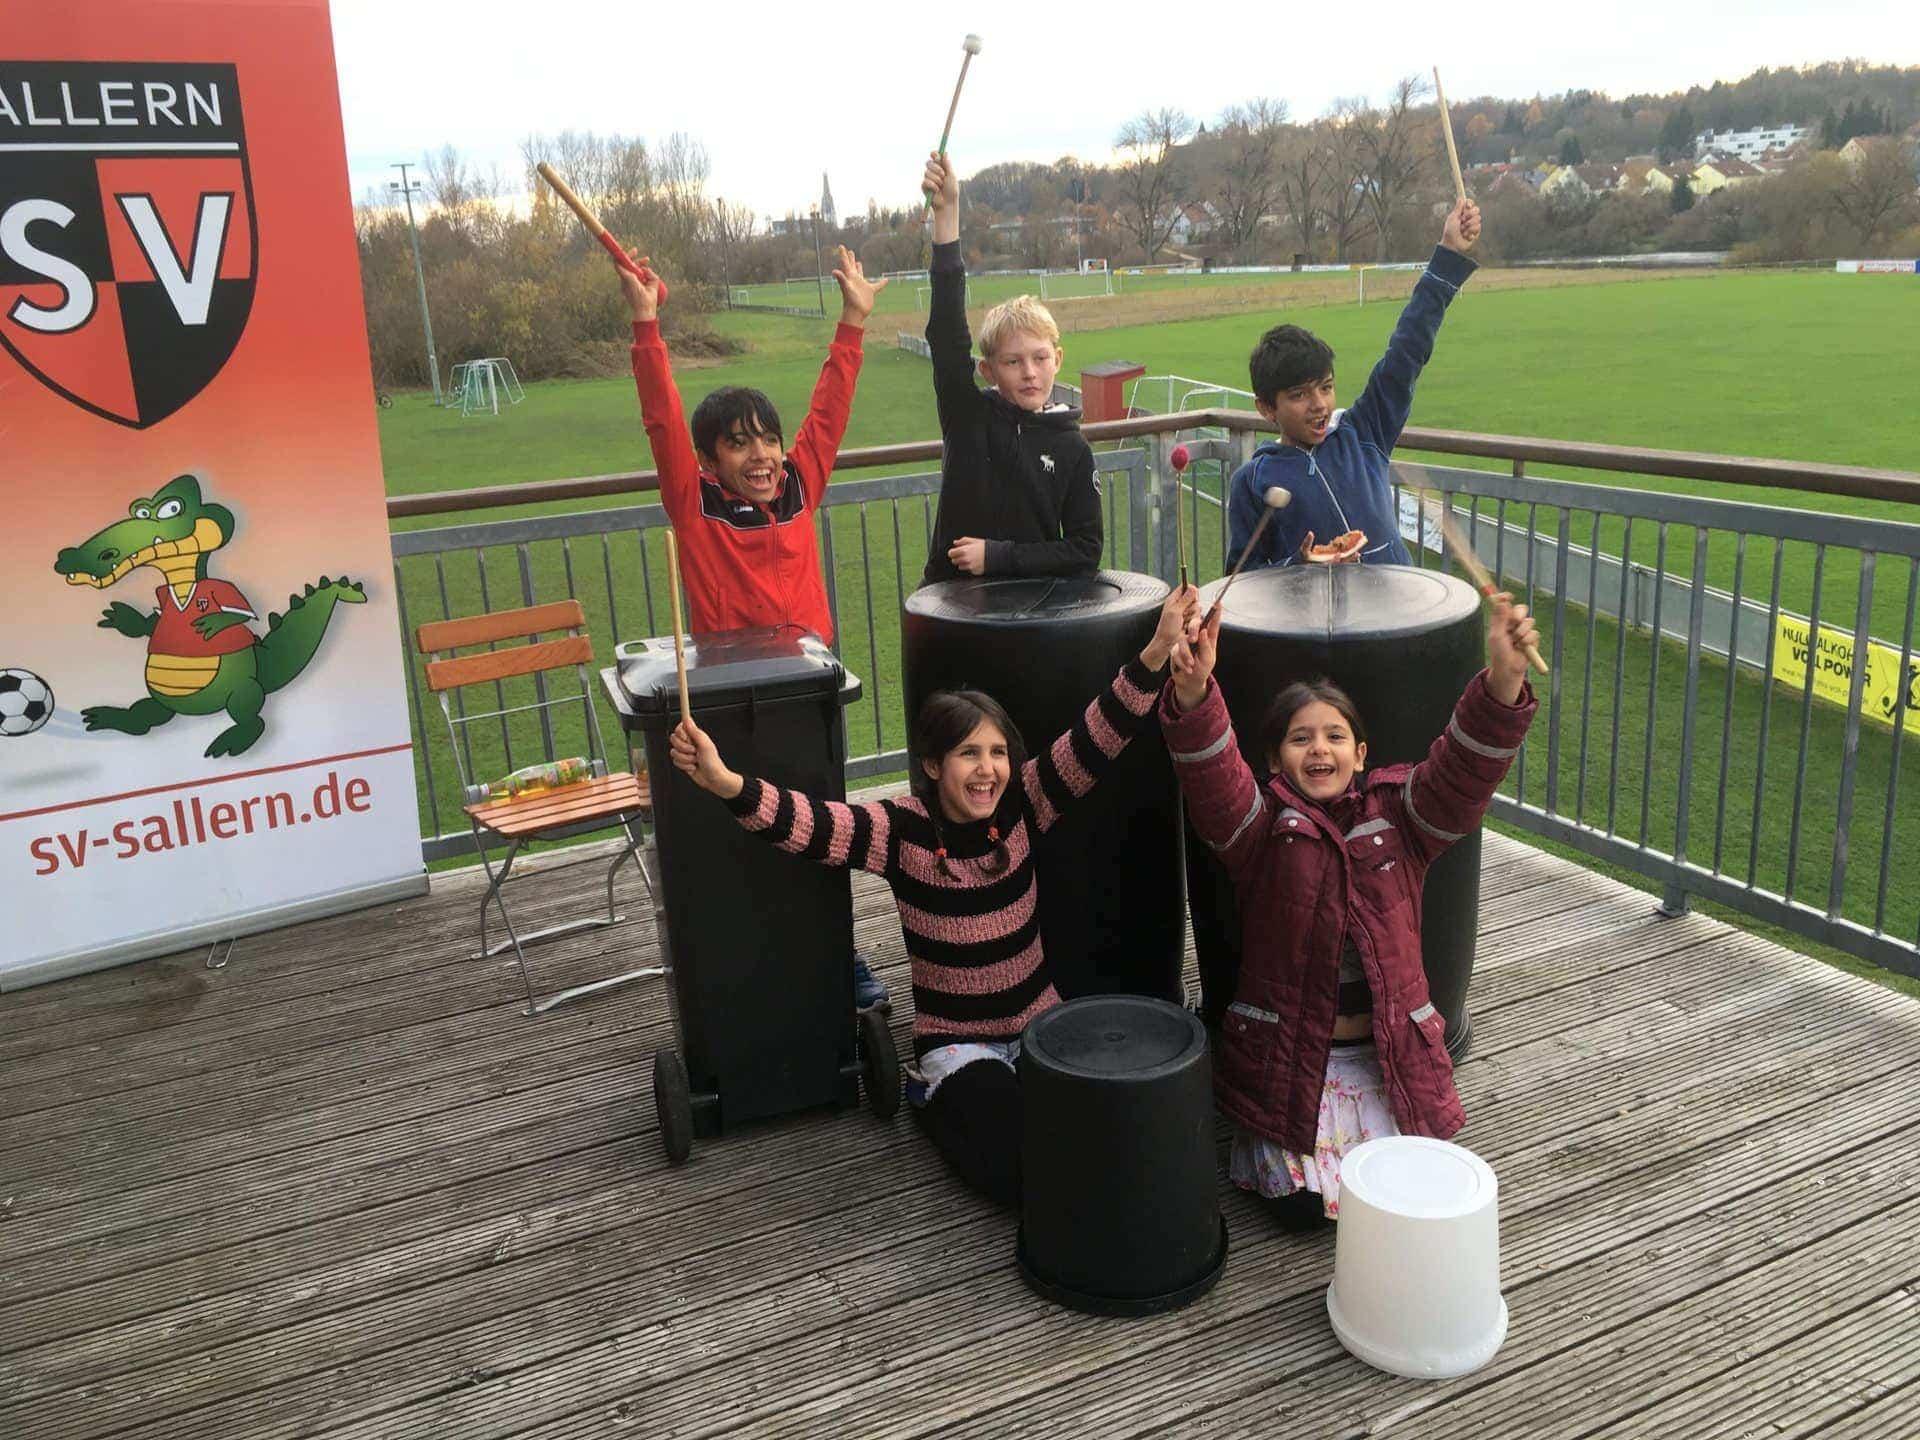 Blizz Leserreporter: Auch in der Winterpause rührt sich was beim SV Sallern Trommel macht Spaß